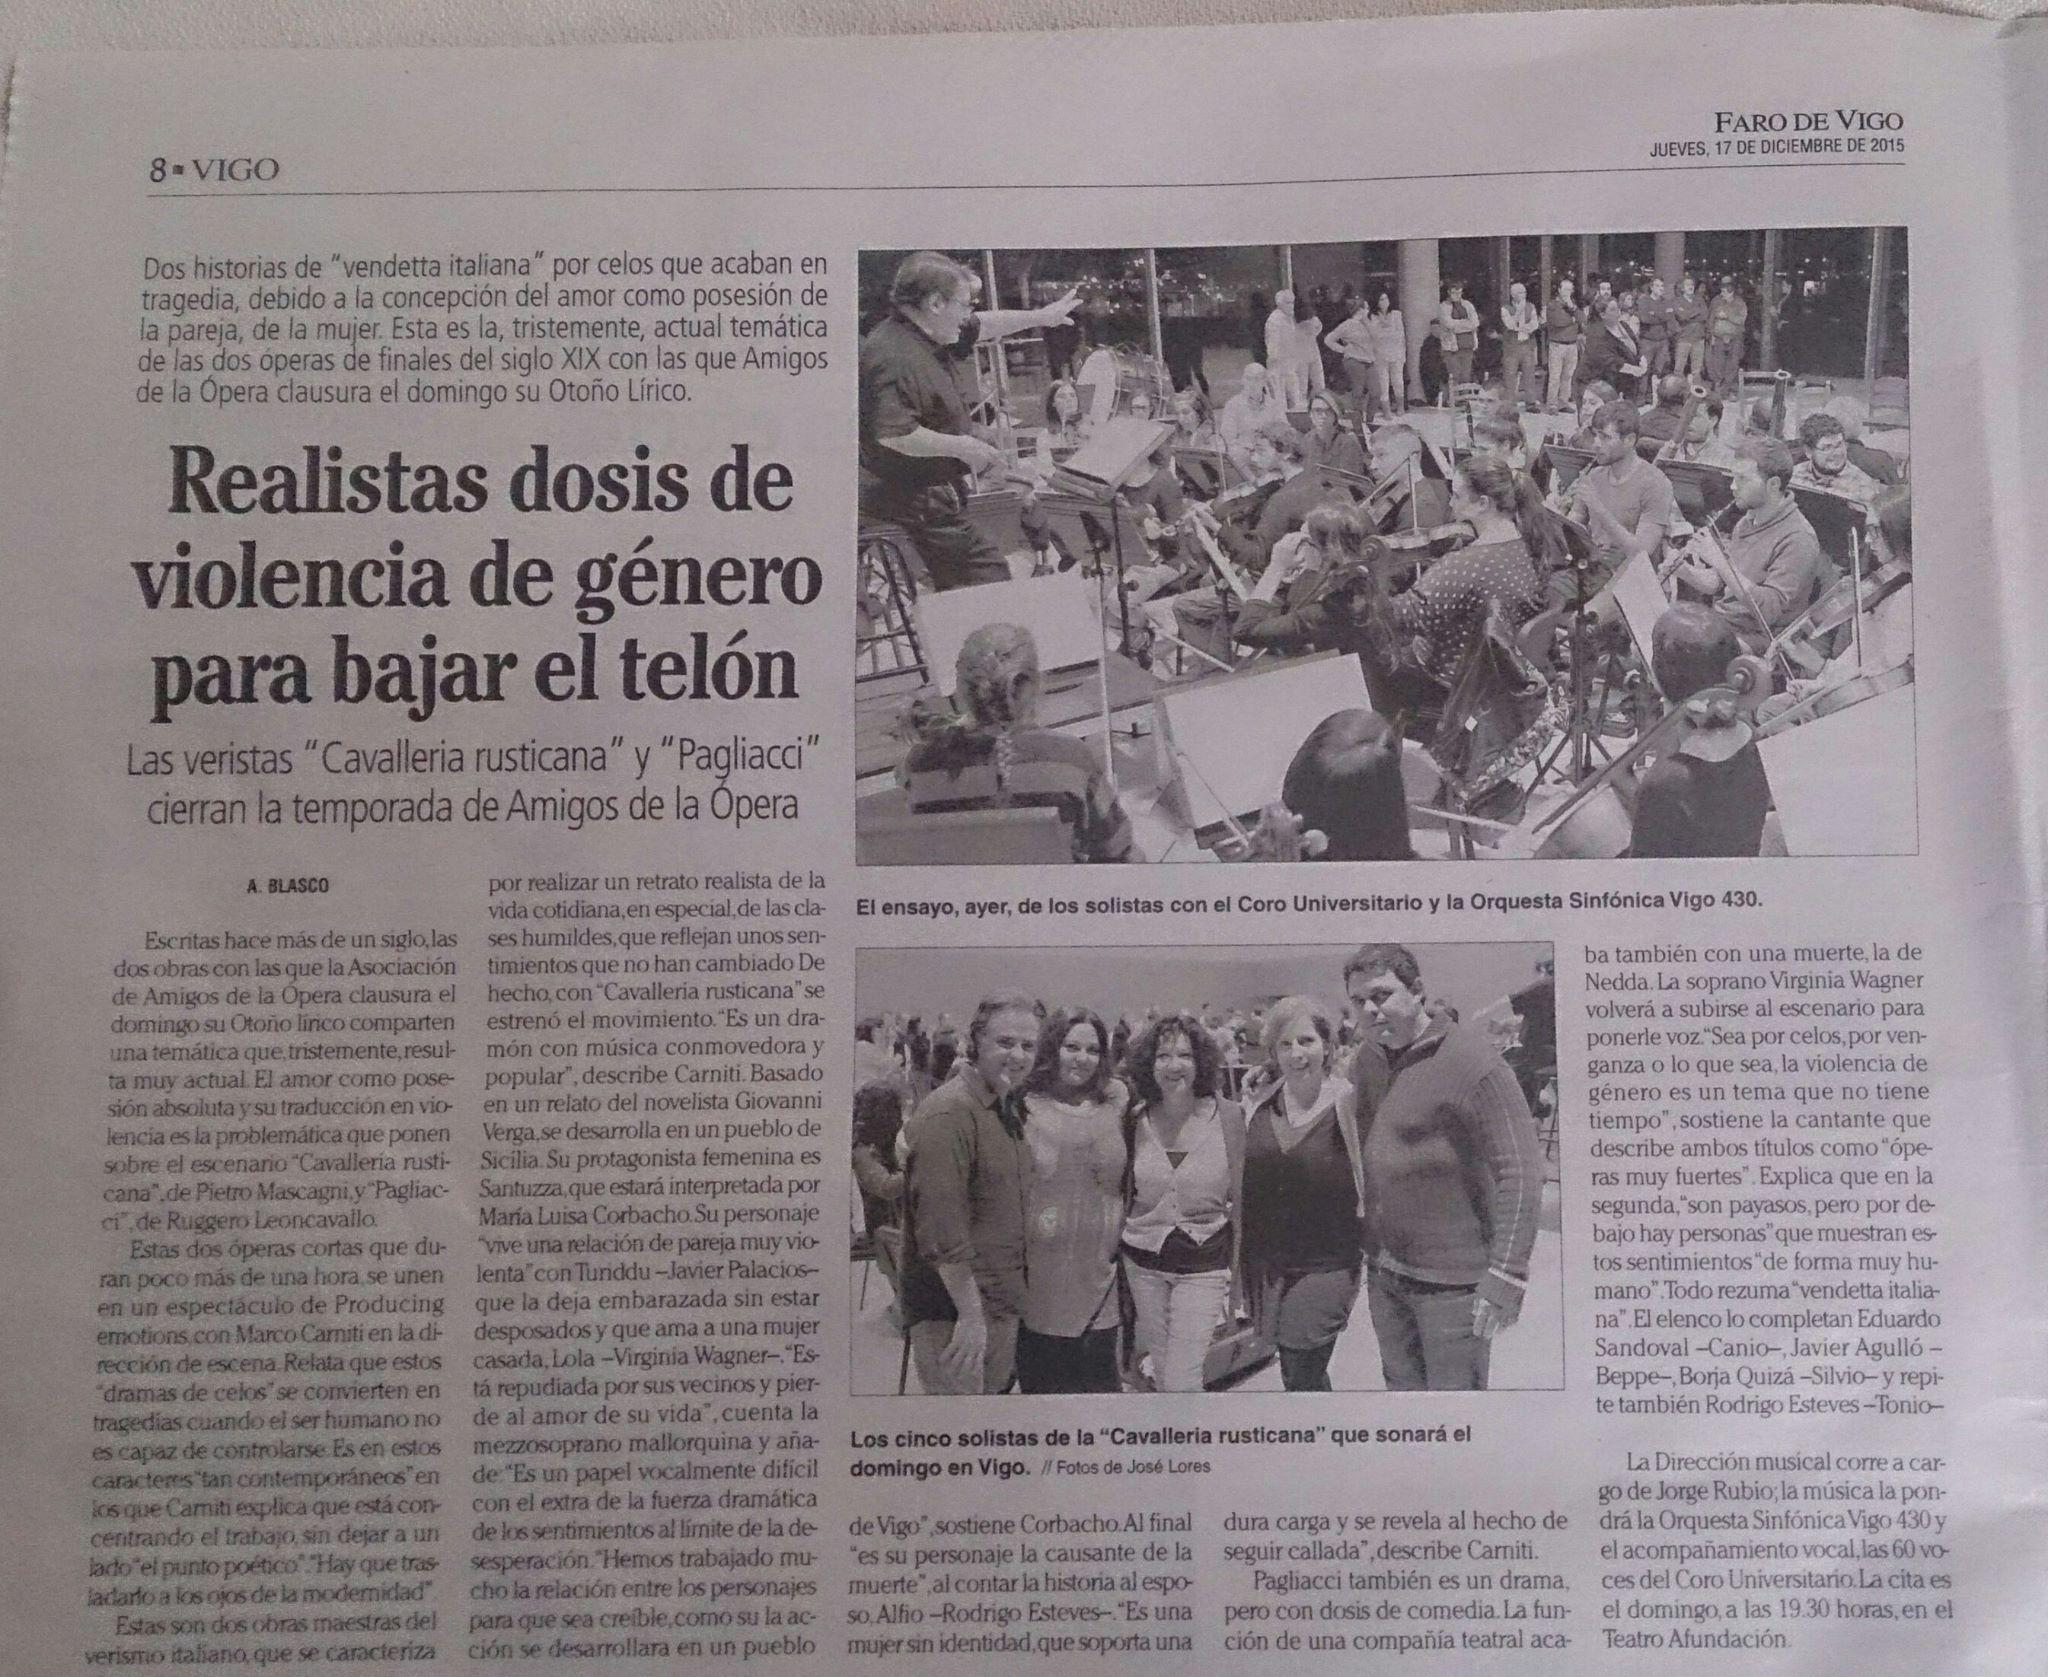 Hoy hablan en Faro de Vigo de nuestra Cavalleria Rusticana & Pagliacci